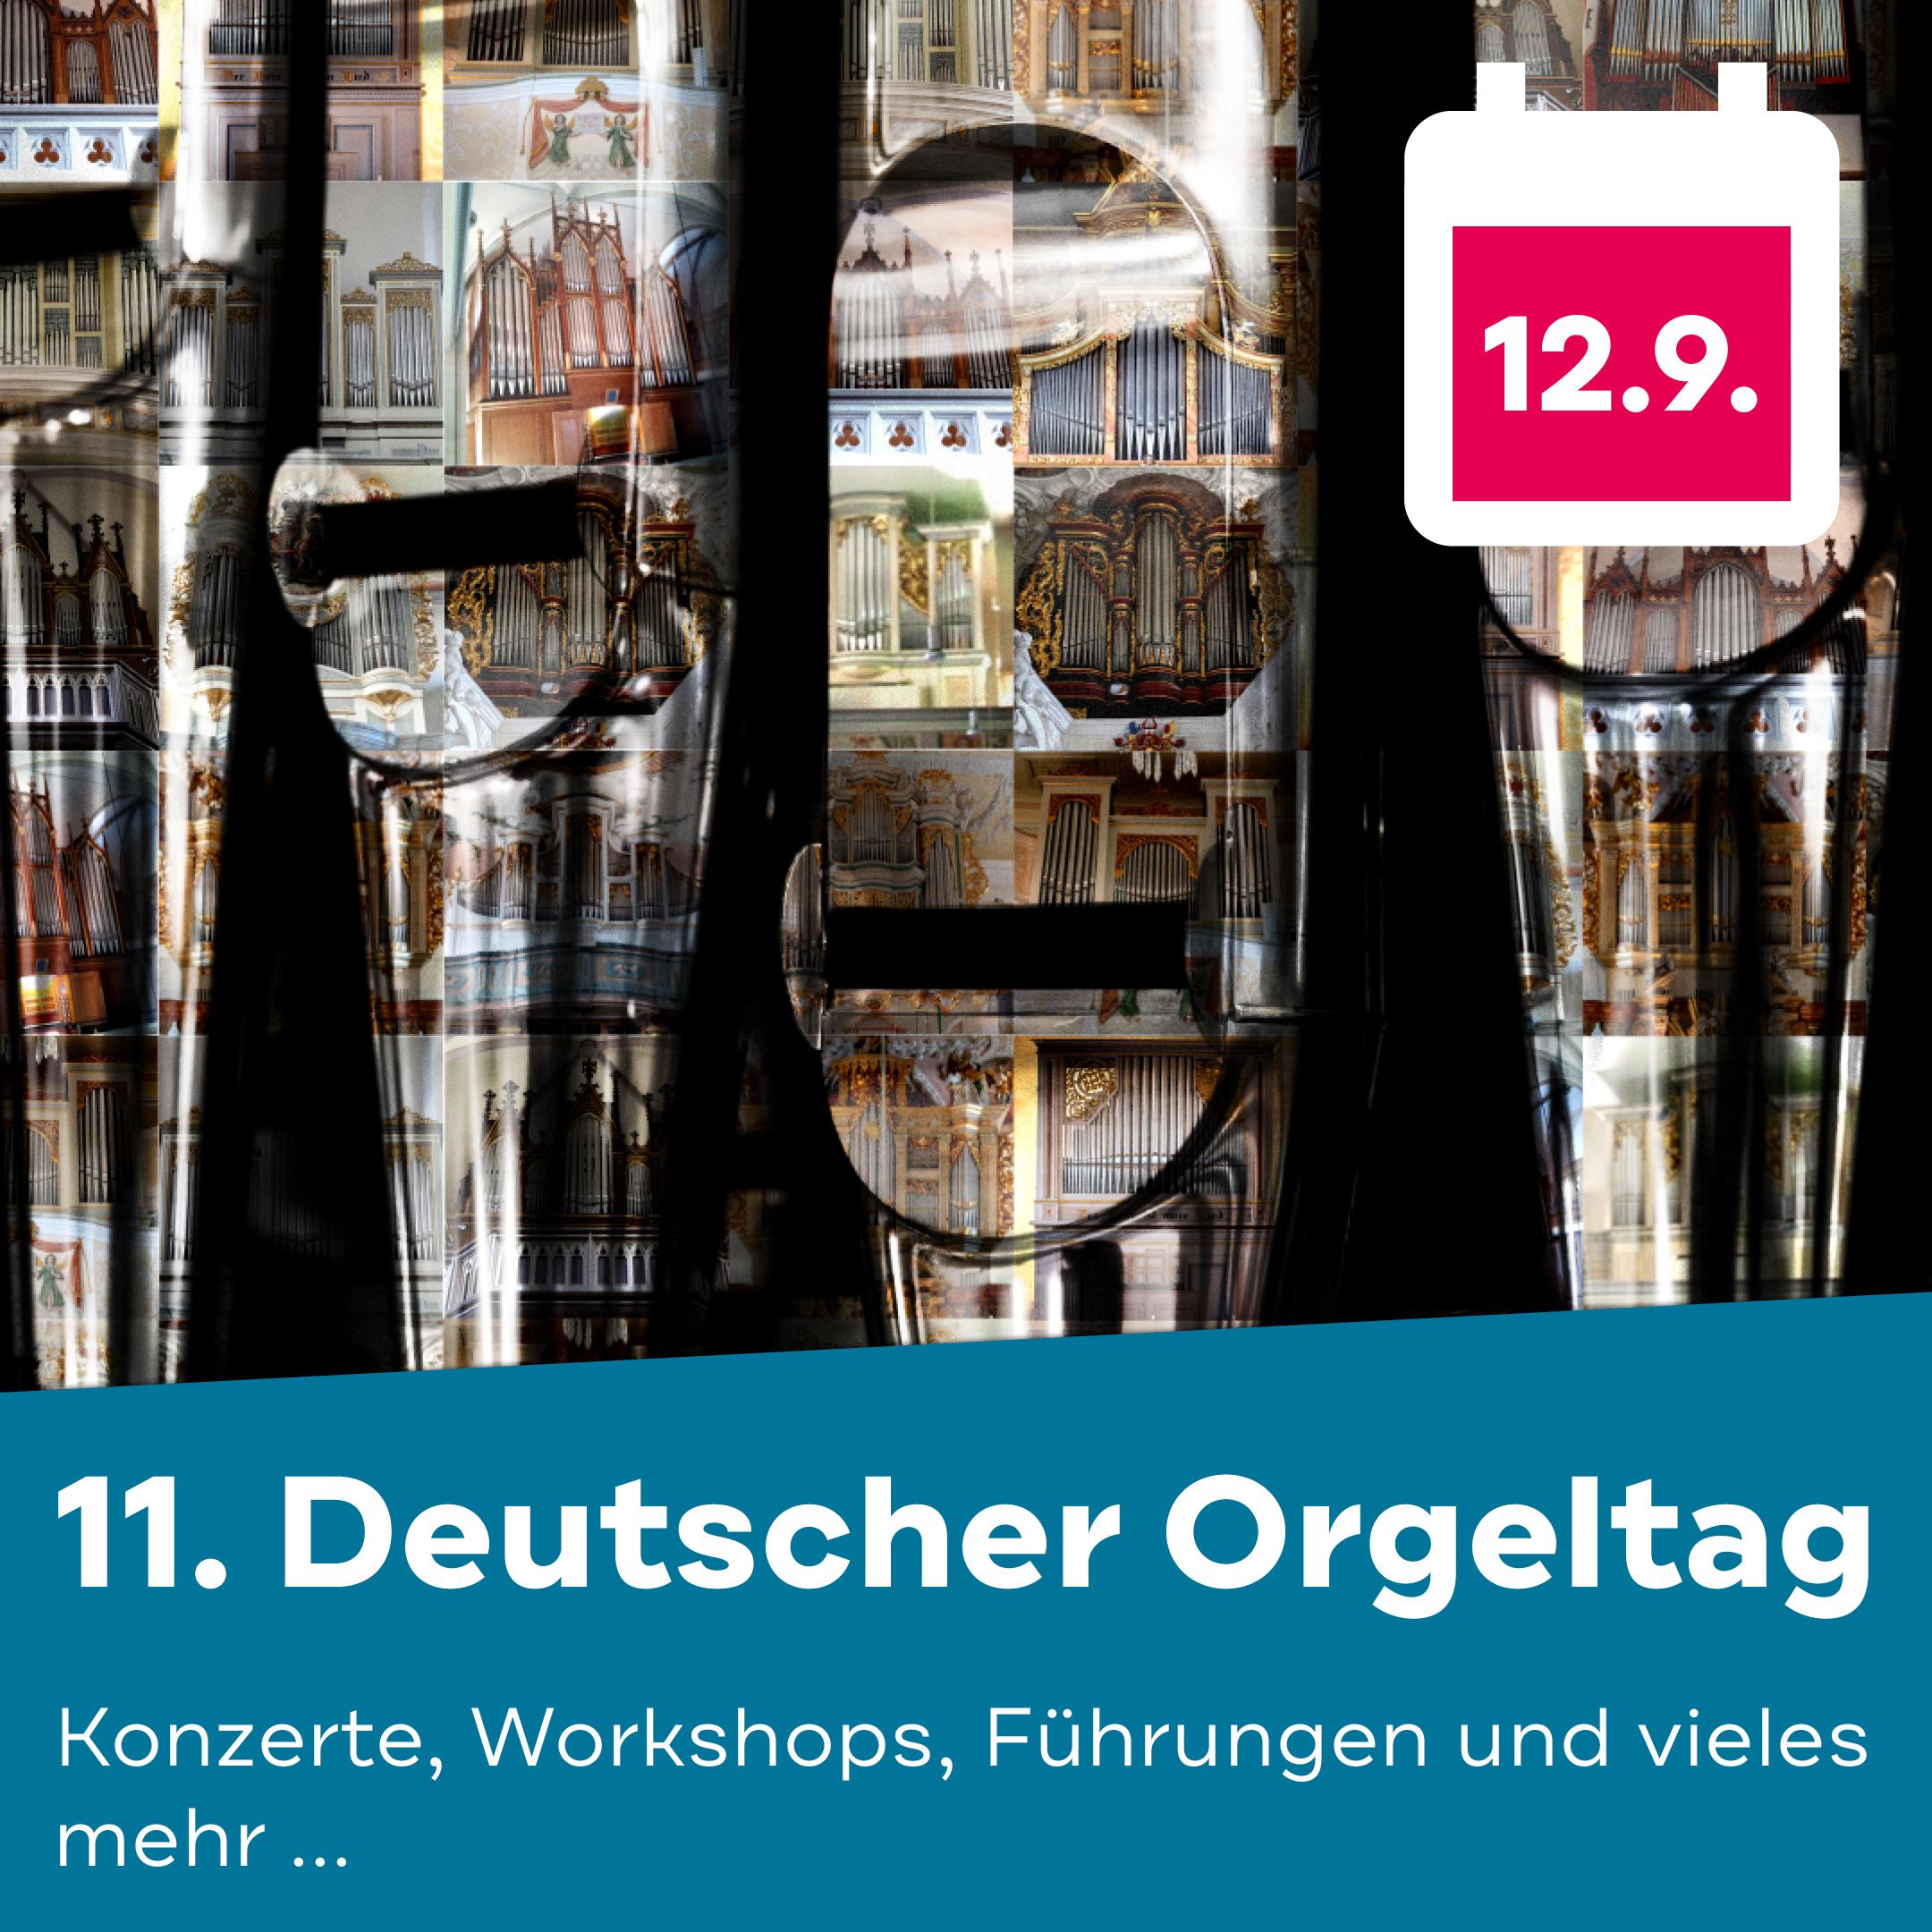 11. Deutscher Orgeltag